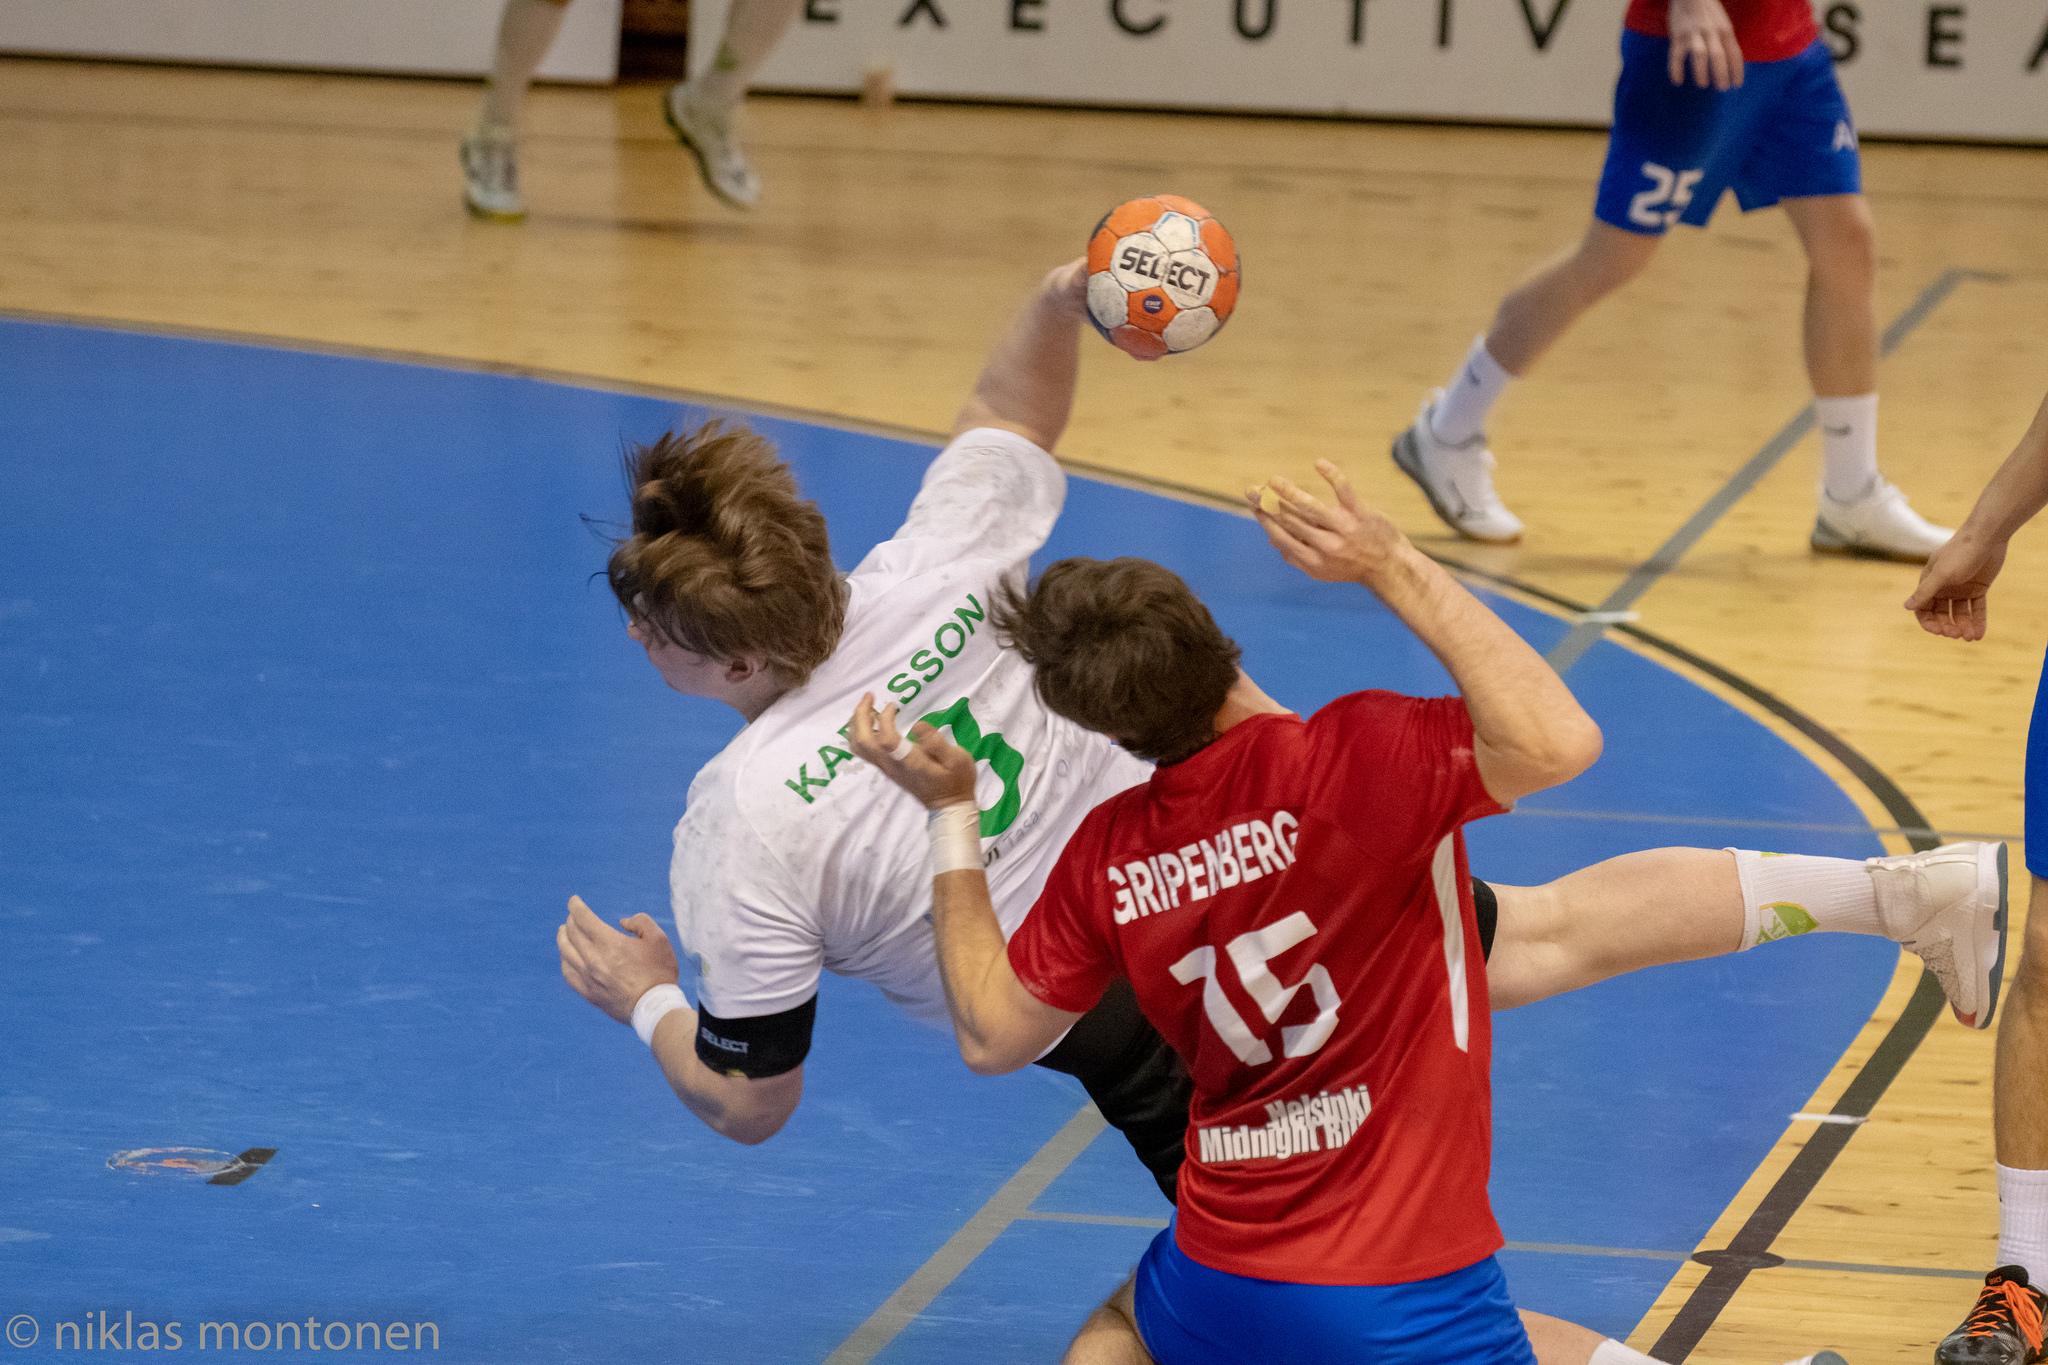 Anton Karlsson maalinteossa Dickeniä vastaan. Kuva: Niklas Montonen